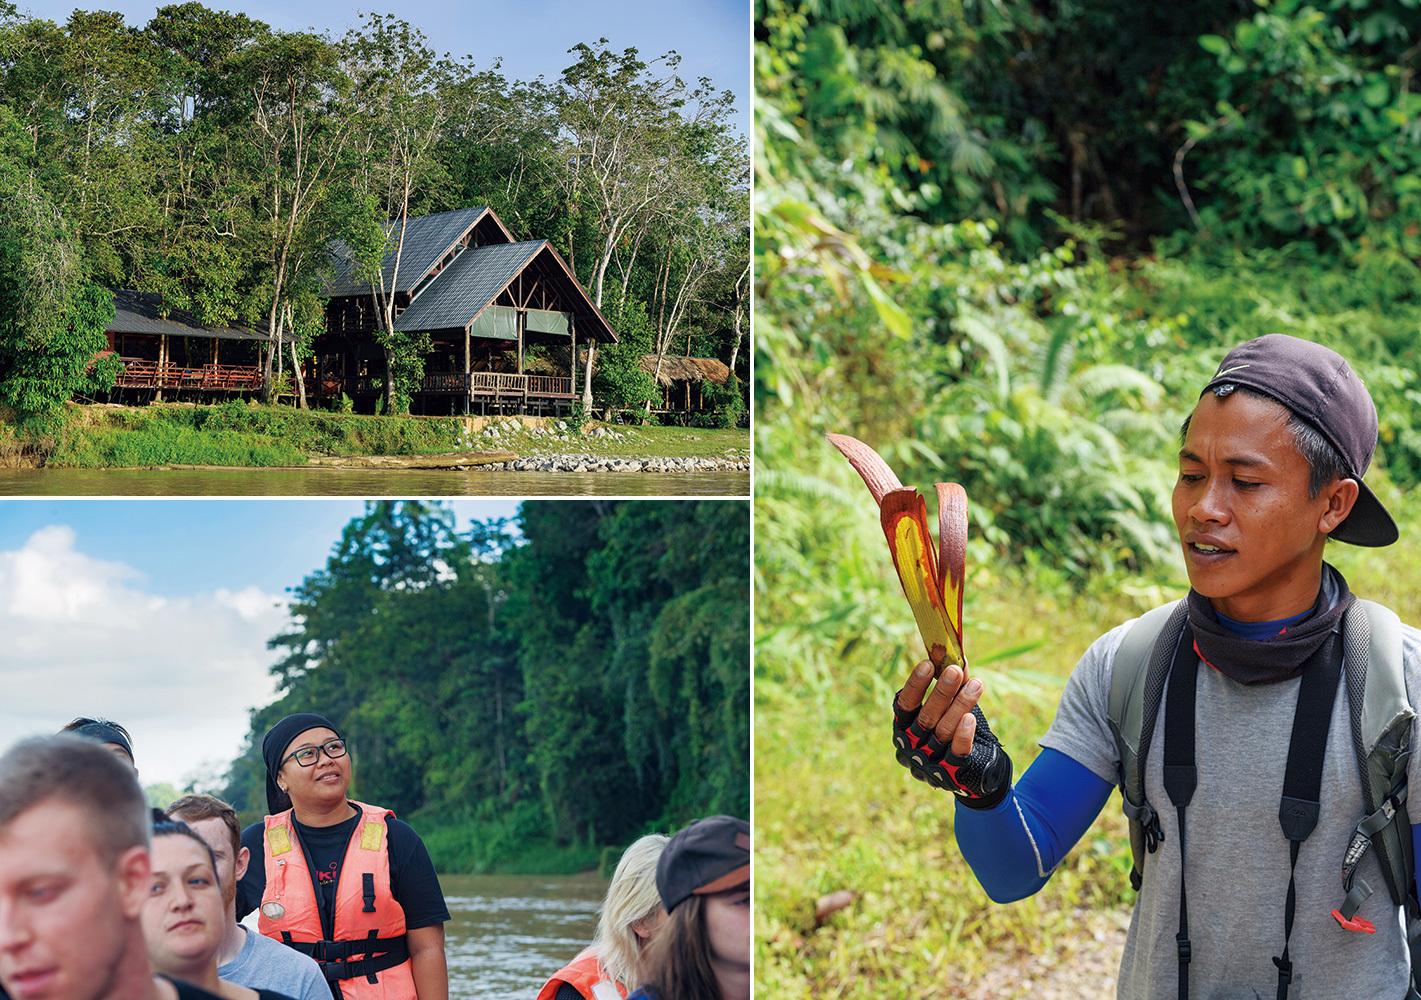 左上・キナバタンガン川沿いのロッジ。エコ・ツアーを実施。 左下・ネイチャー・ガイドのディディ(写真奥)は、植物学者を父に持ち、大学でツーリズムを学んだ若き女性。 右・巨大なフタバガキの実を持ちながら解説するインバク・キャニオン保護区のレンジャー。